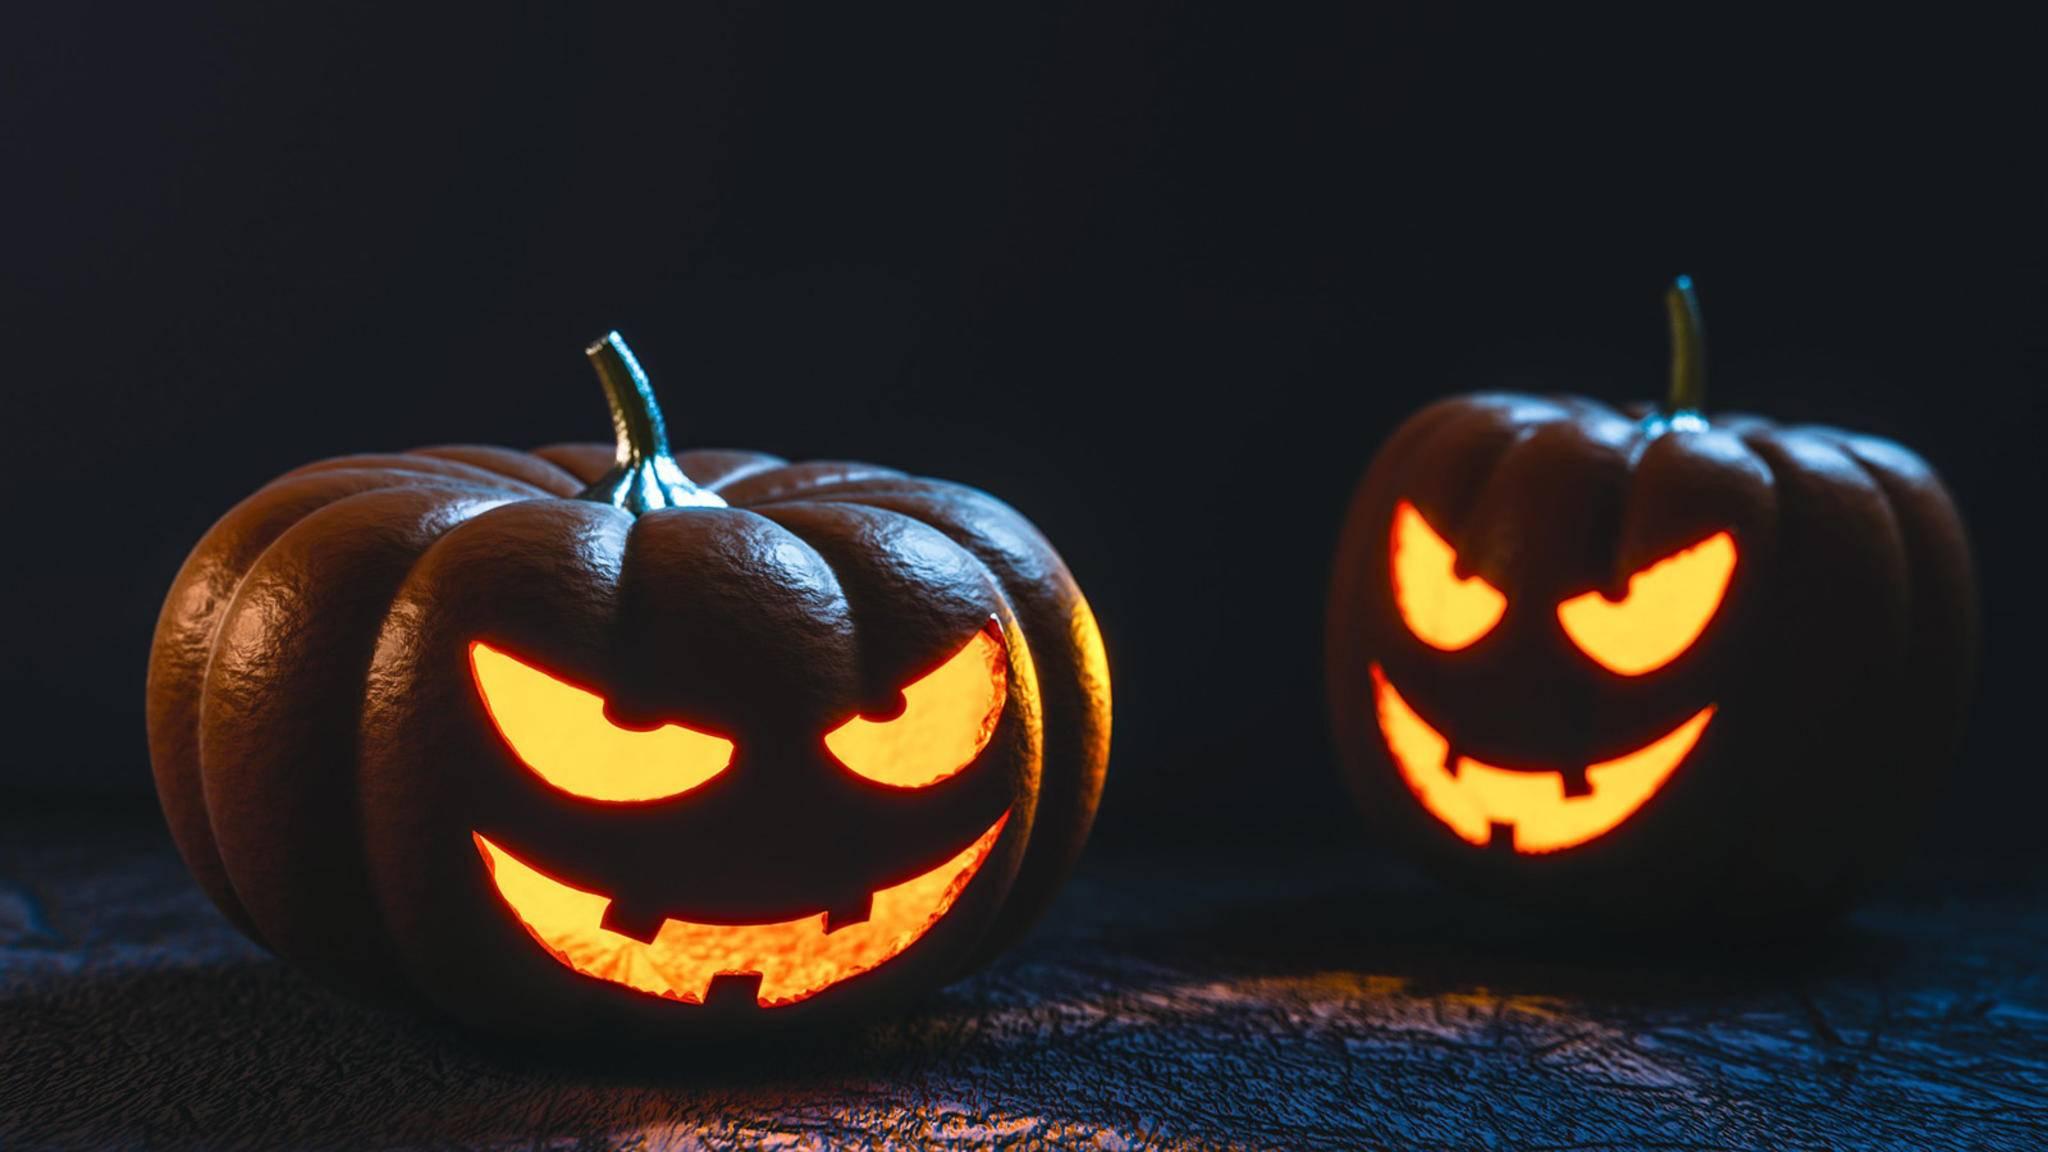 Keine Zeit für eine selbstgeschnitzte Kürbislaterne? Mit diesen Lifehacks dekorierst du in Windeseile für Halloween.